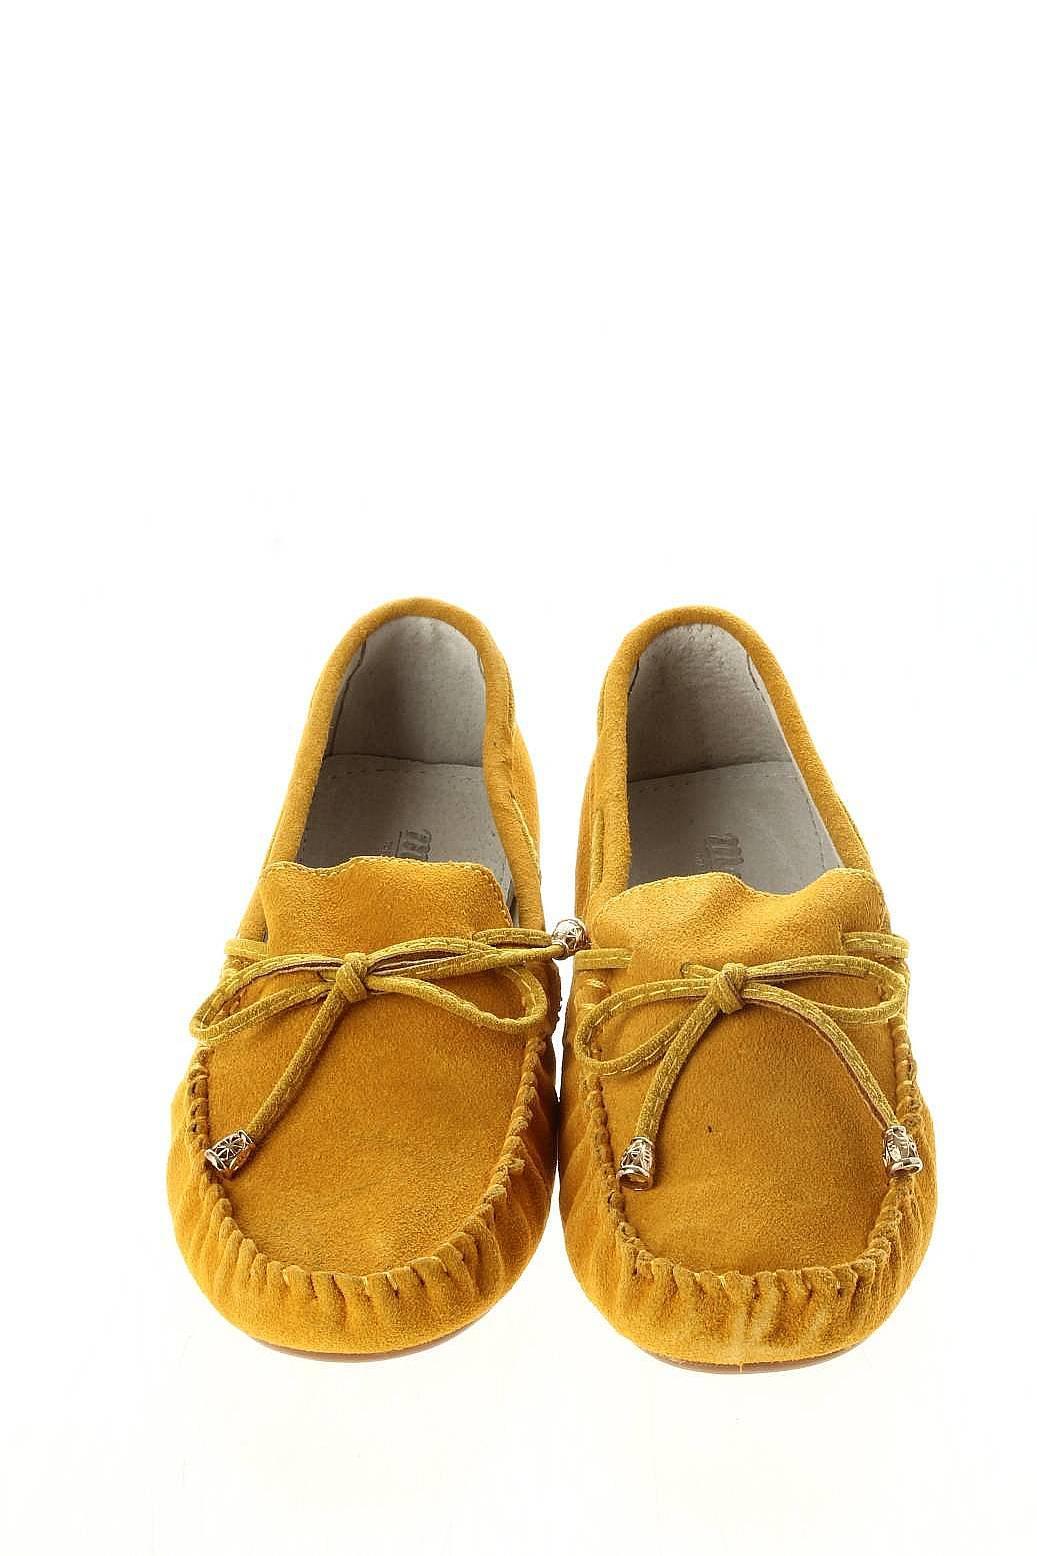 Мужская Обувь Детская Обувь Женская Обувь Мокасины: Tofa Обувь